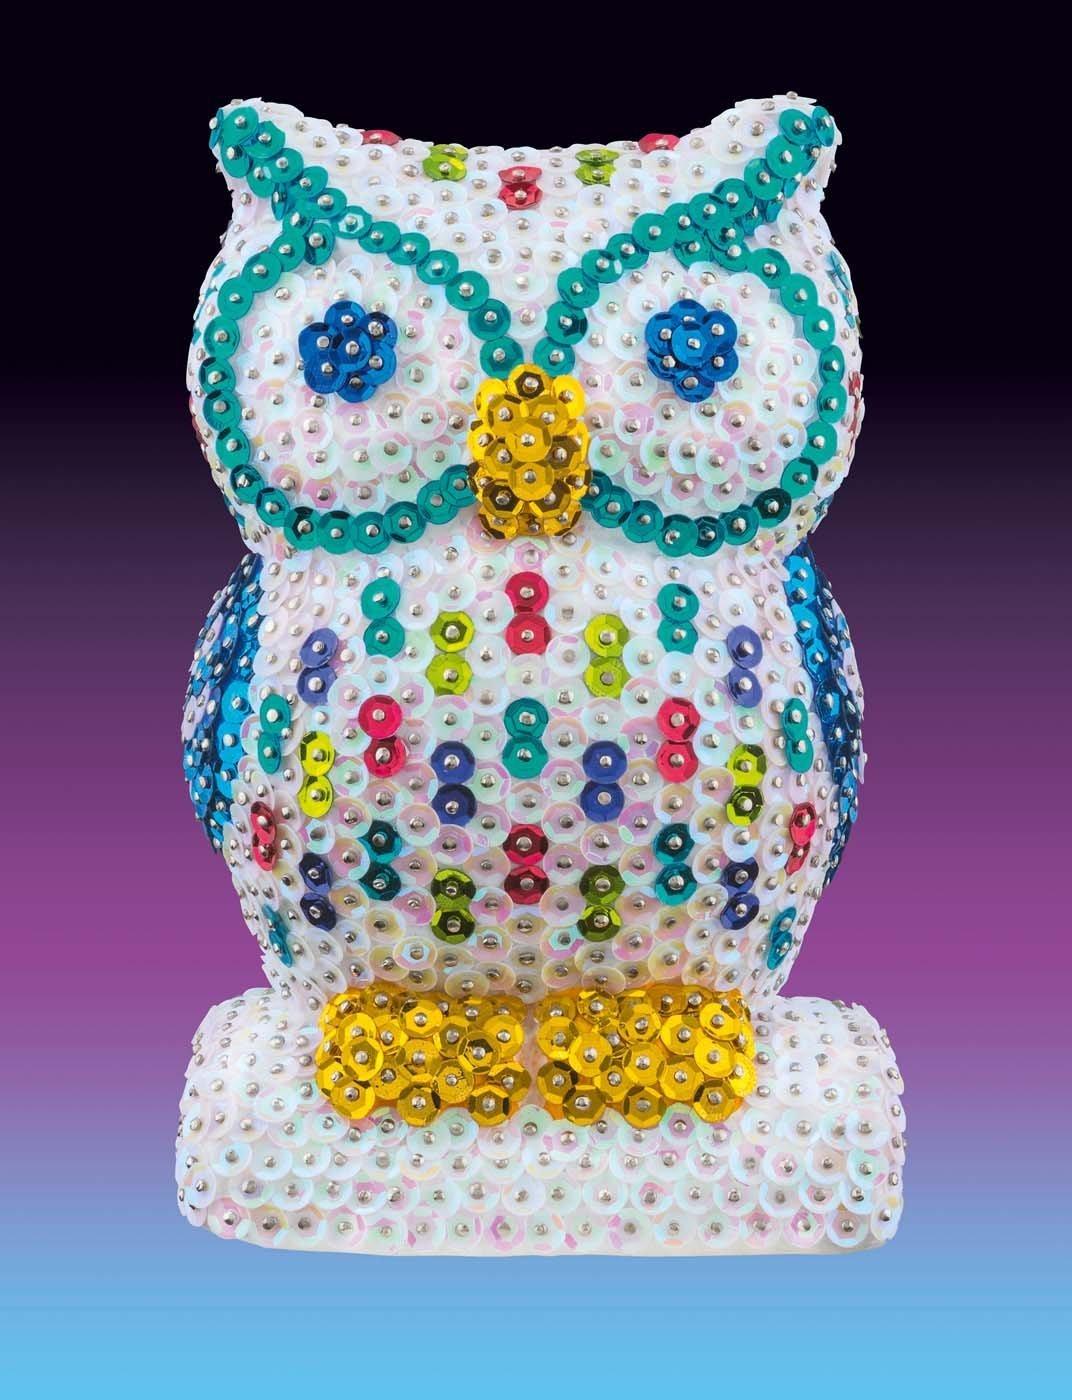 Sequin art Owl Craft by Sequin Art